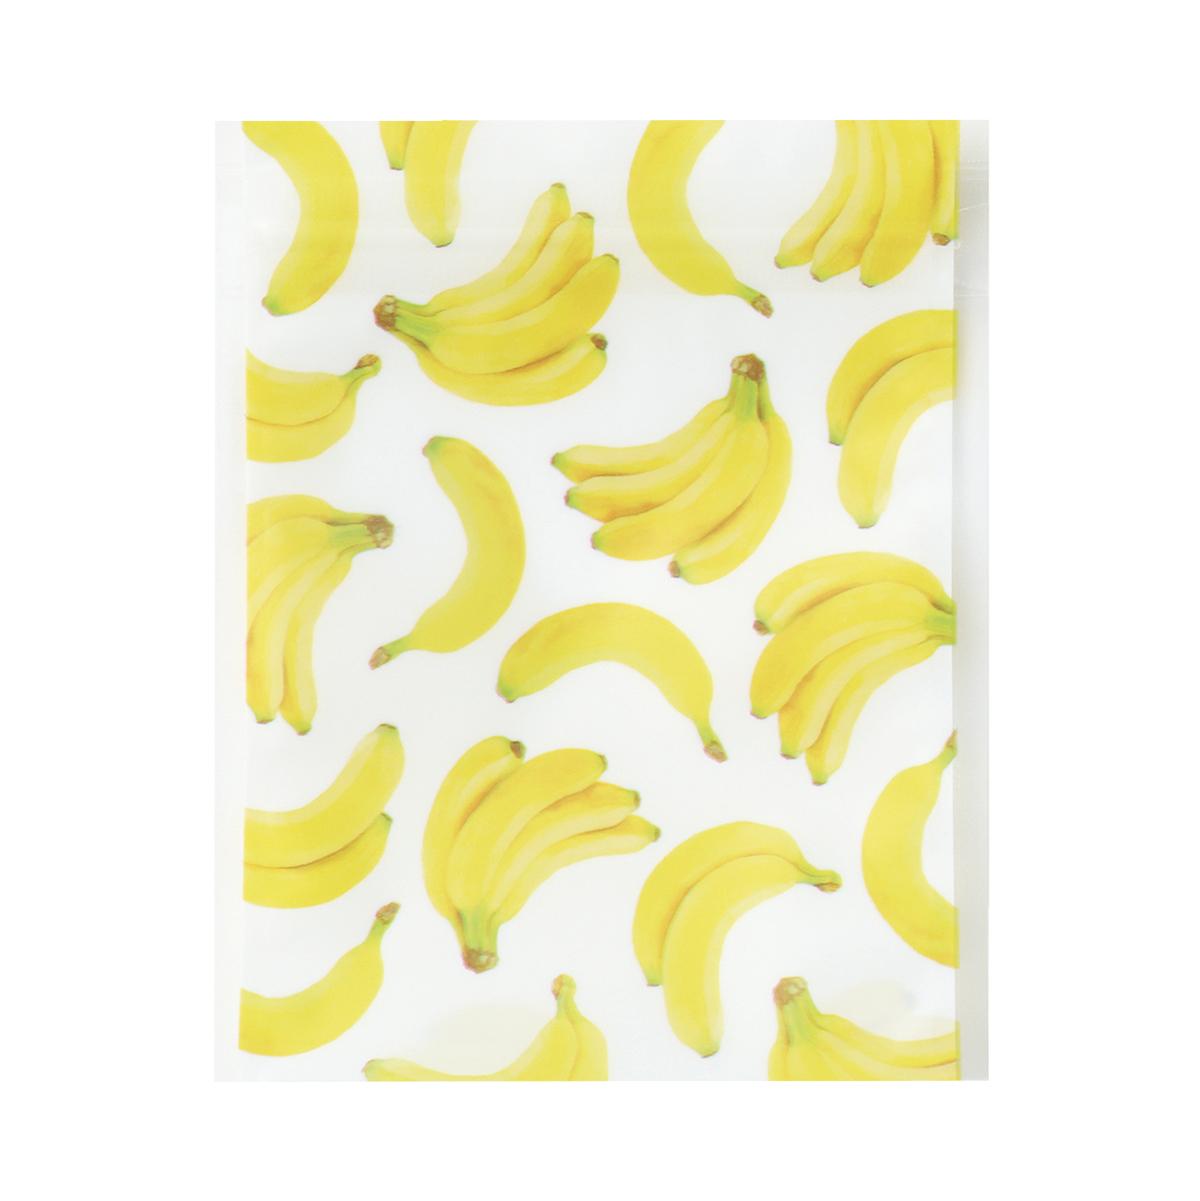 【ジップバッグ】ジップBAG バナナ